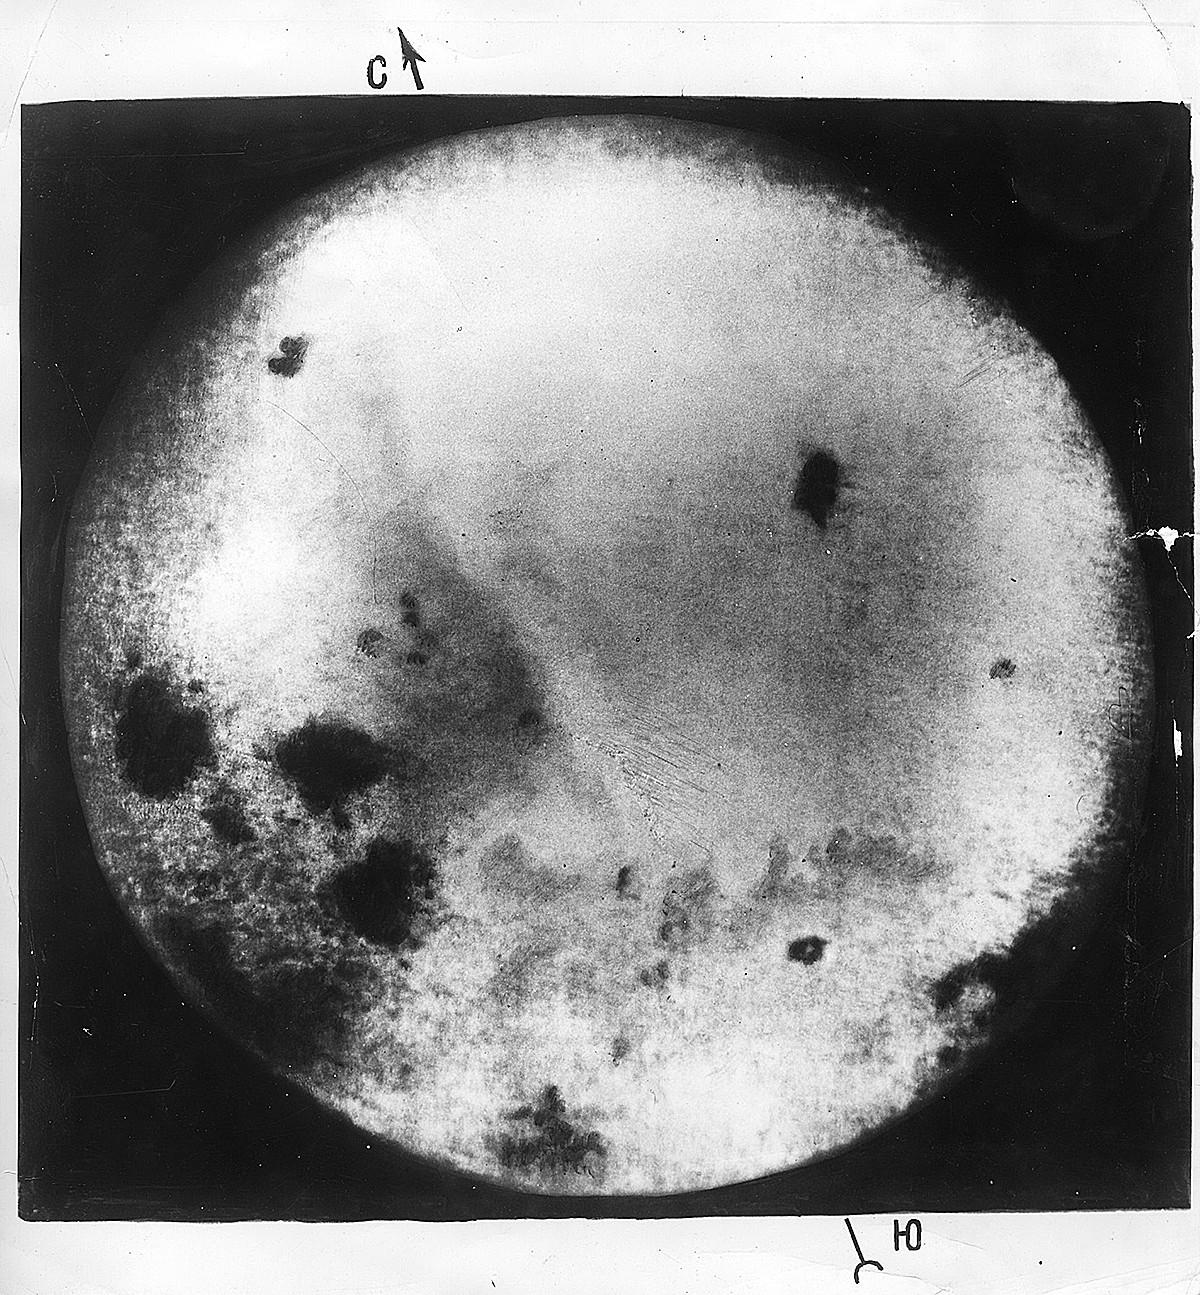 L'une des premières photographies de l'autre côté de la Lune prise par la sonde Luna-3